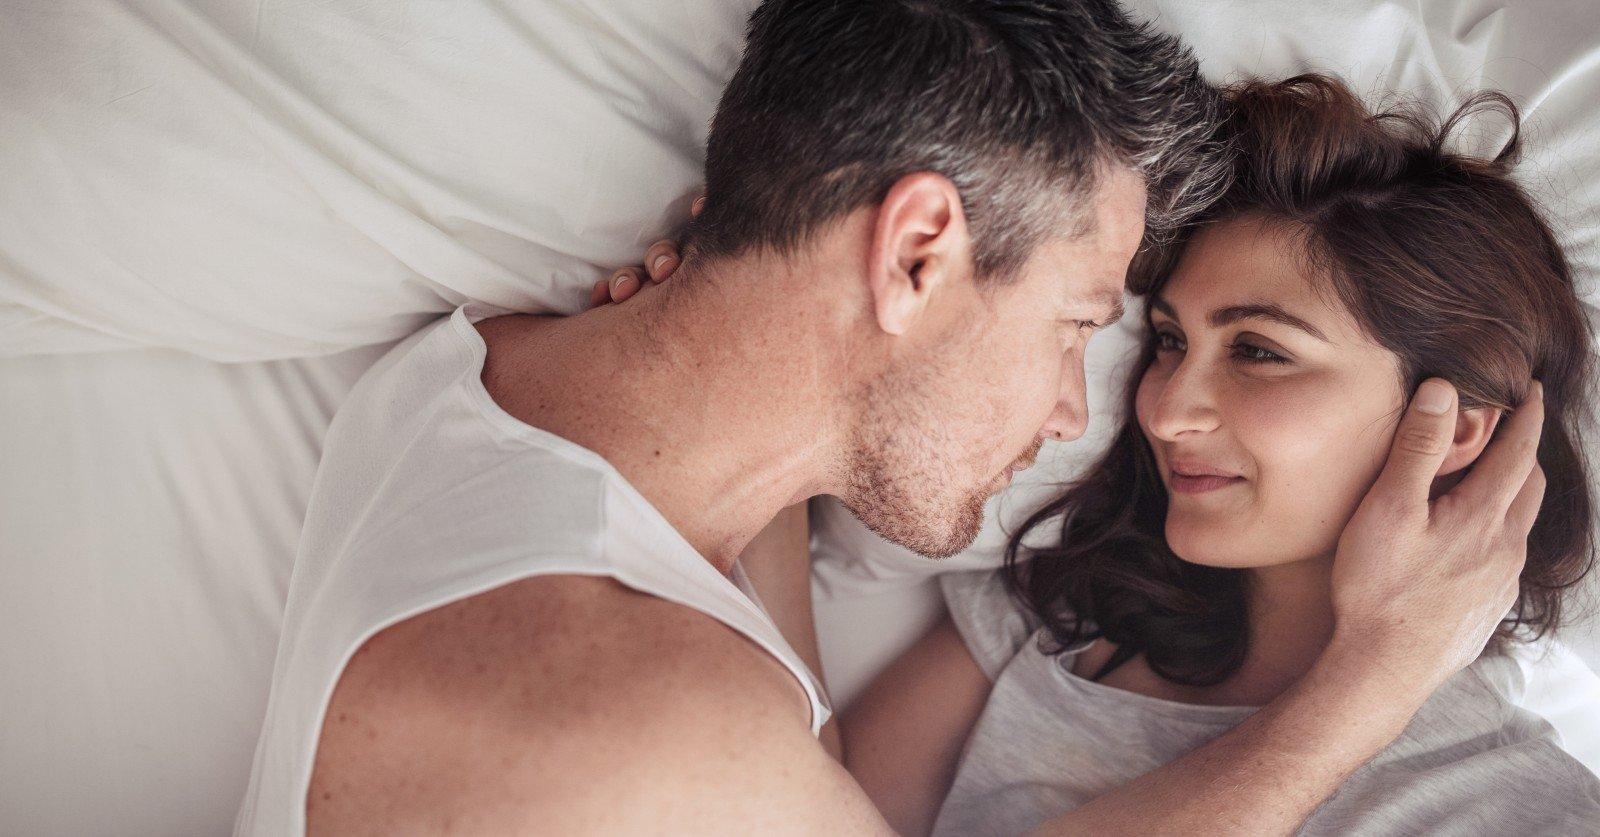 Ar zmogaus orgazmas priklauso nuo nario dydzio Vyriski dydis internete